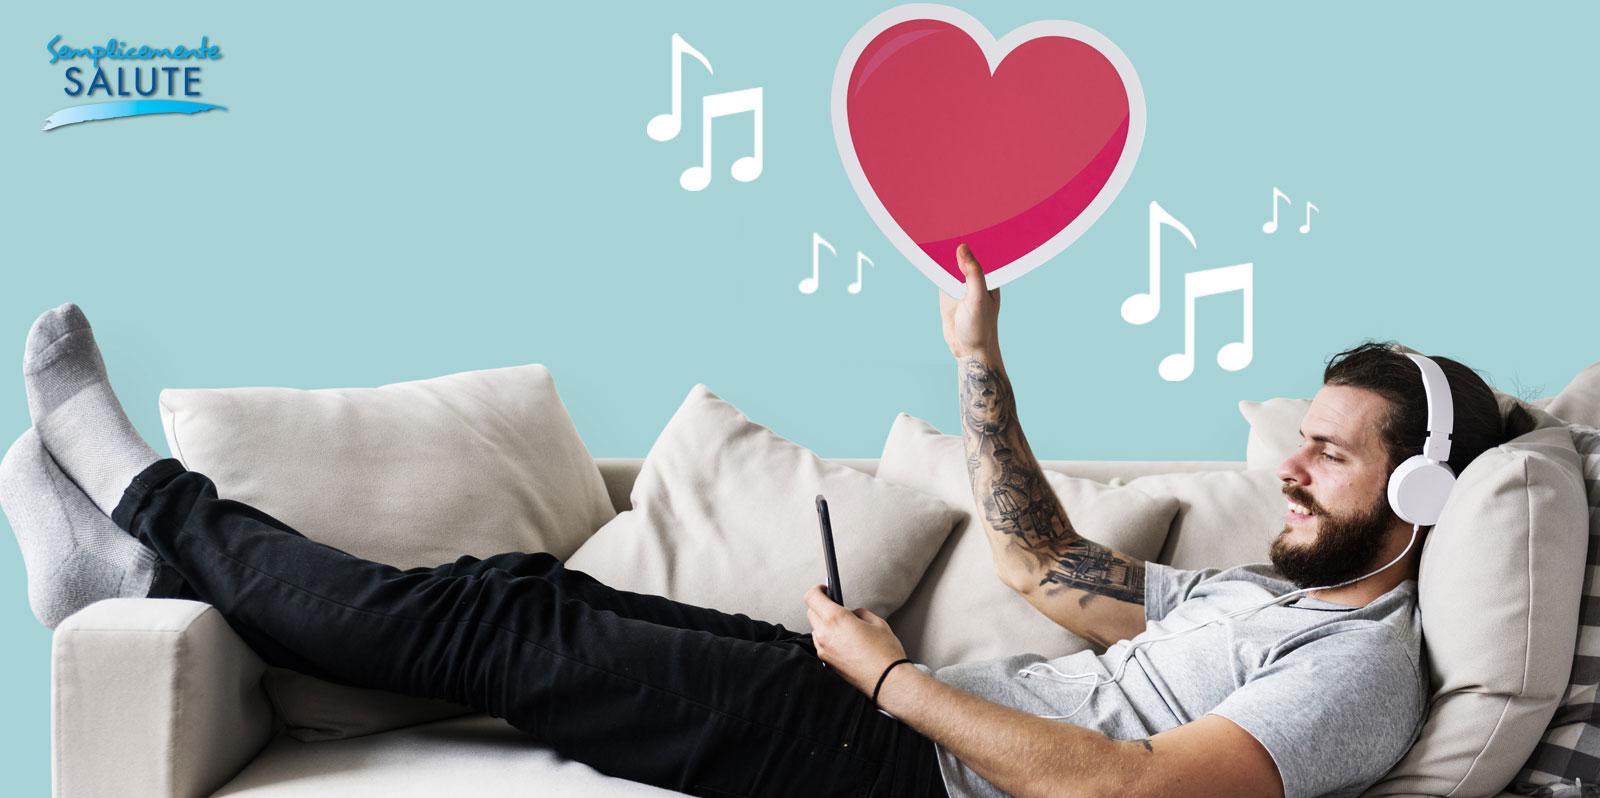 La musica giusta un rimedio intelligente per combattere stress e dolore